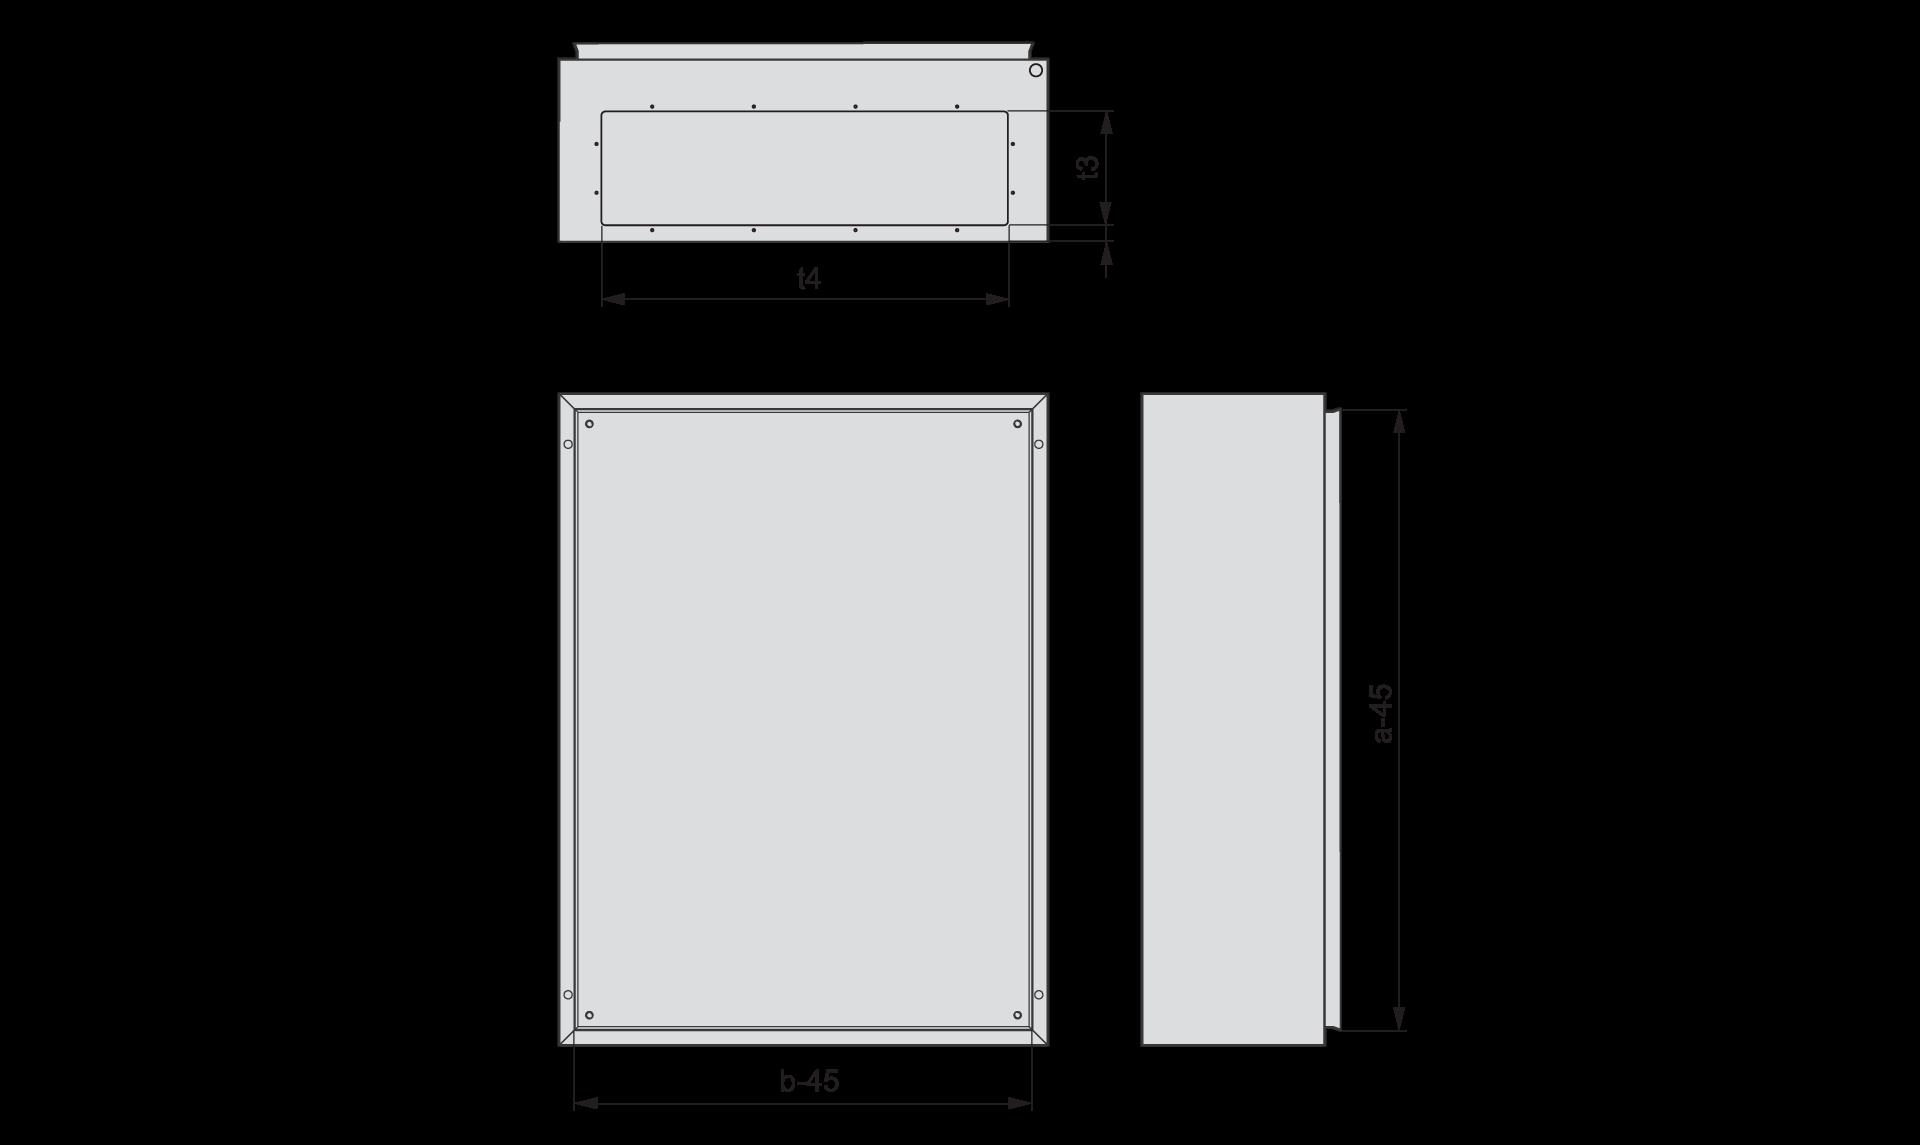 Щиты CS без дверей и без панелей для фланцев